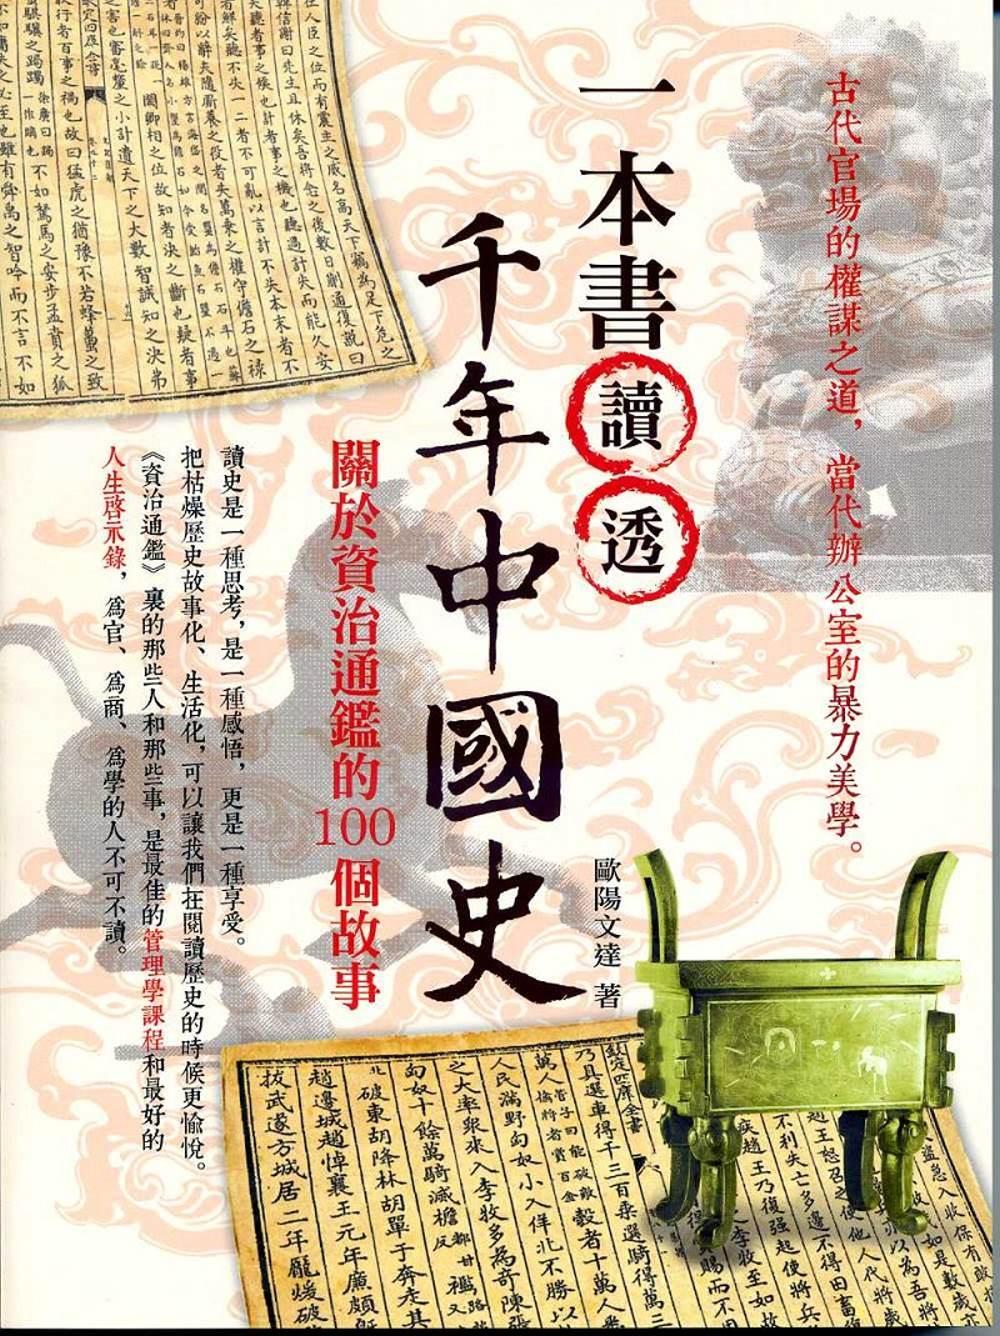 一本書讀透千年中國史